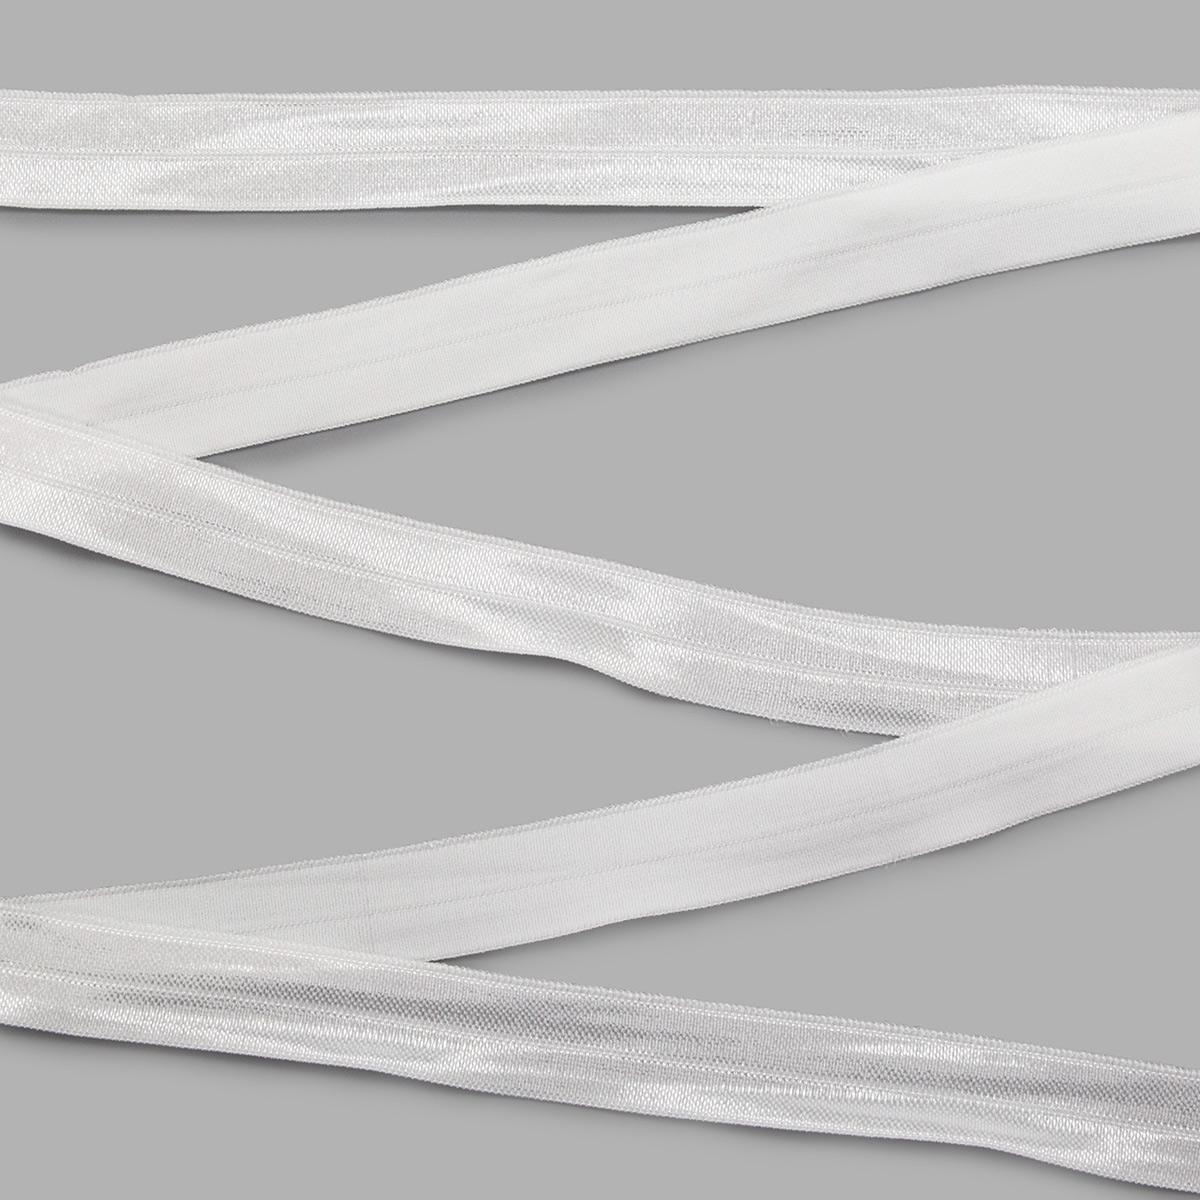 46-07330/18/бел. Резинка окантовочная 18мм*